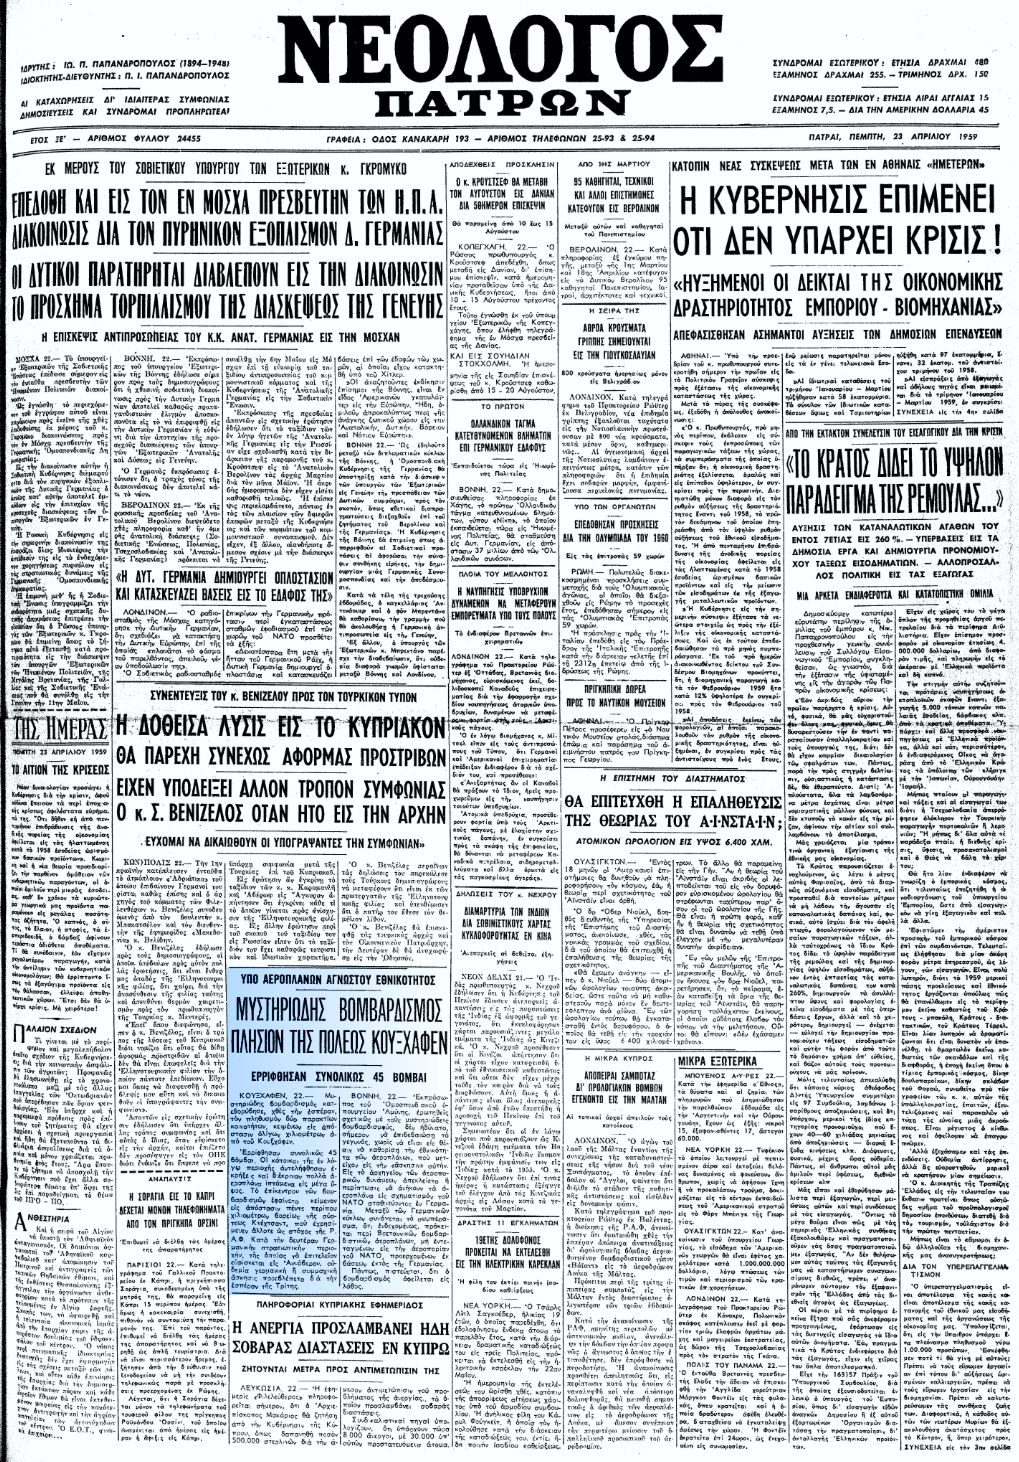 """Το άρθρο, όπως δημοσιεύθηκε στην εφημερίδα """"ΝΕΟΛΟΓΟΣ ΠΑΤΡΩΝ"""", στις 23/04/1959"""